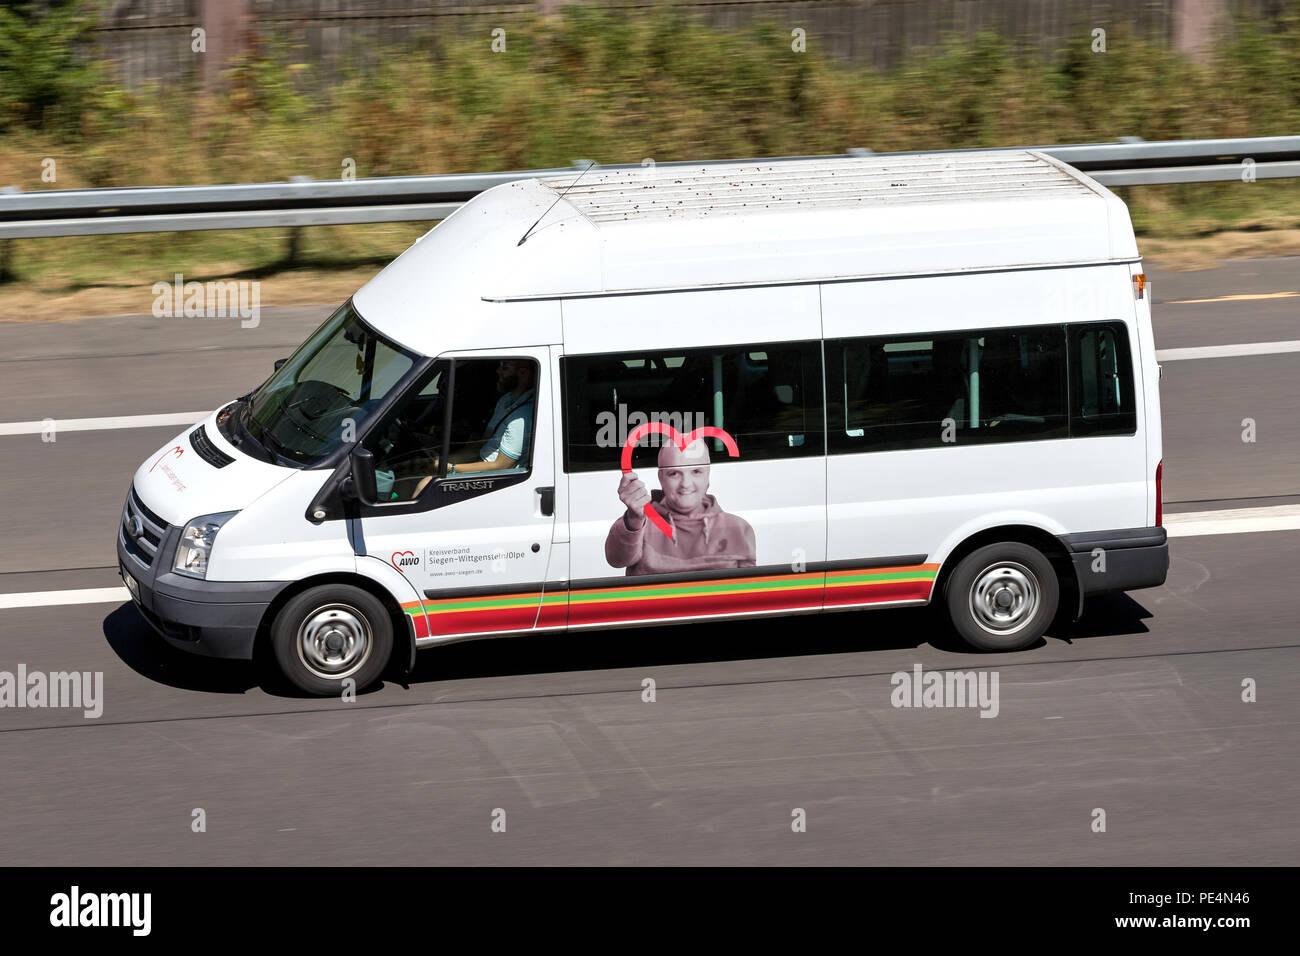 AWO minibus in autostrada. AWO è uno dei migliori sei associazioni del benessere gratuita in Germania. Immagini Stock